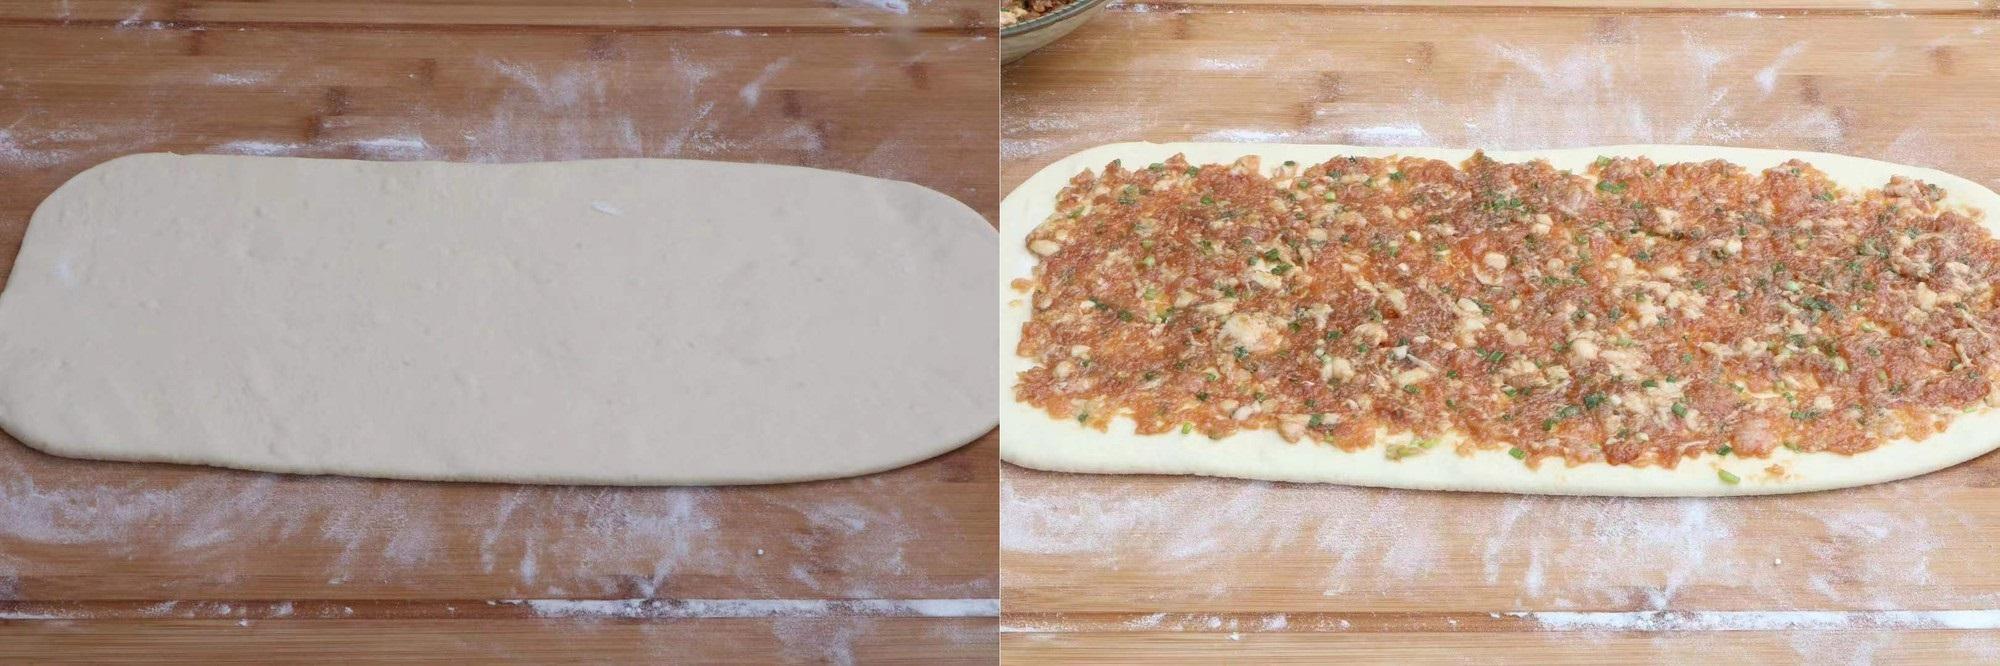 Tôi có cách làm bánh bao nhân thịt vừa nhanh vừa ngon lại còn đẹp mắt, bạn thử là sẽ thích liền! - Ảnh 3